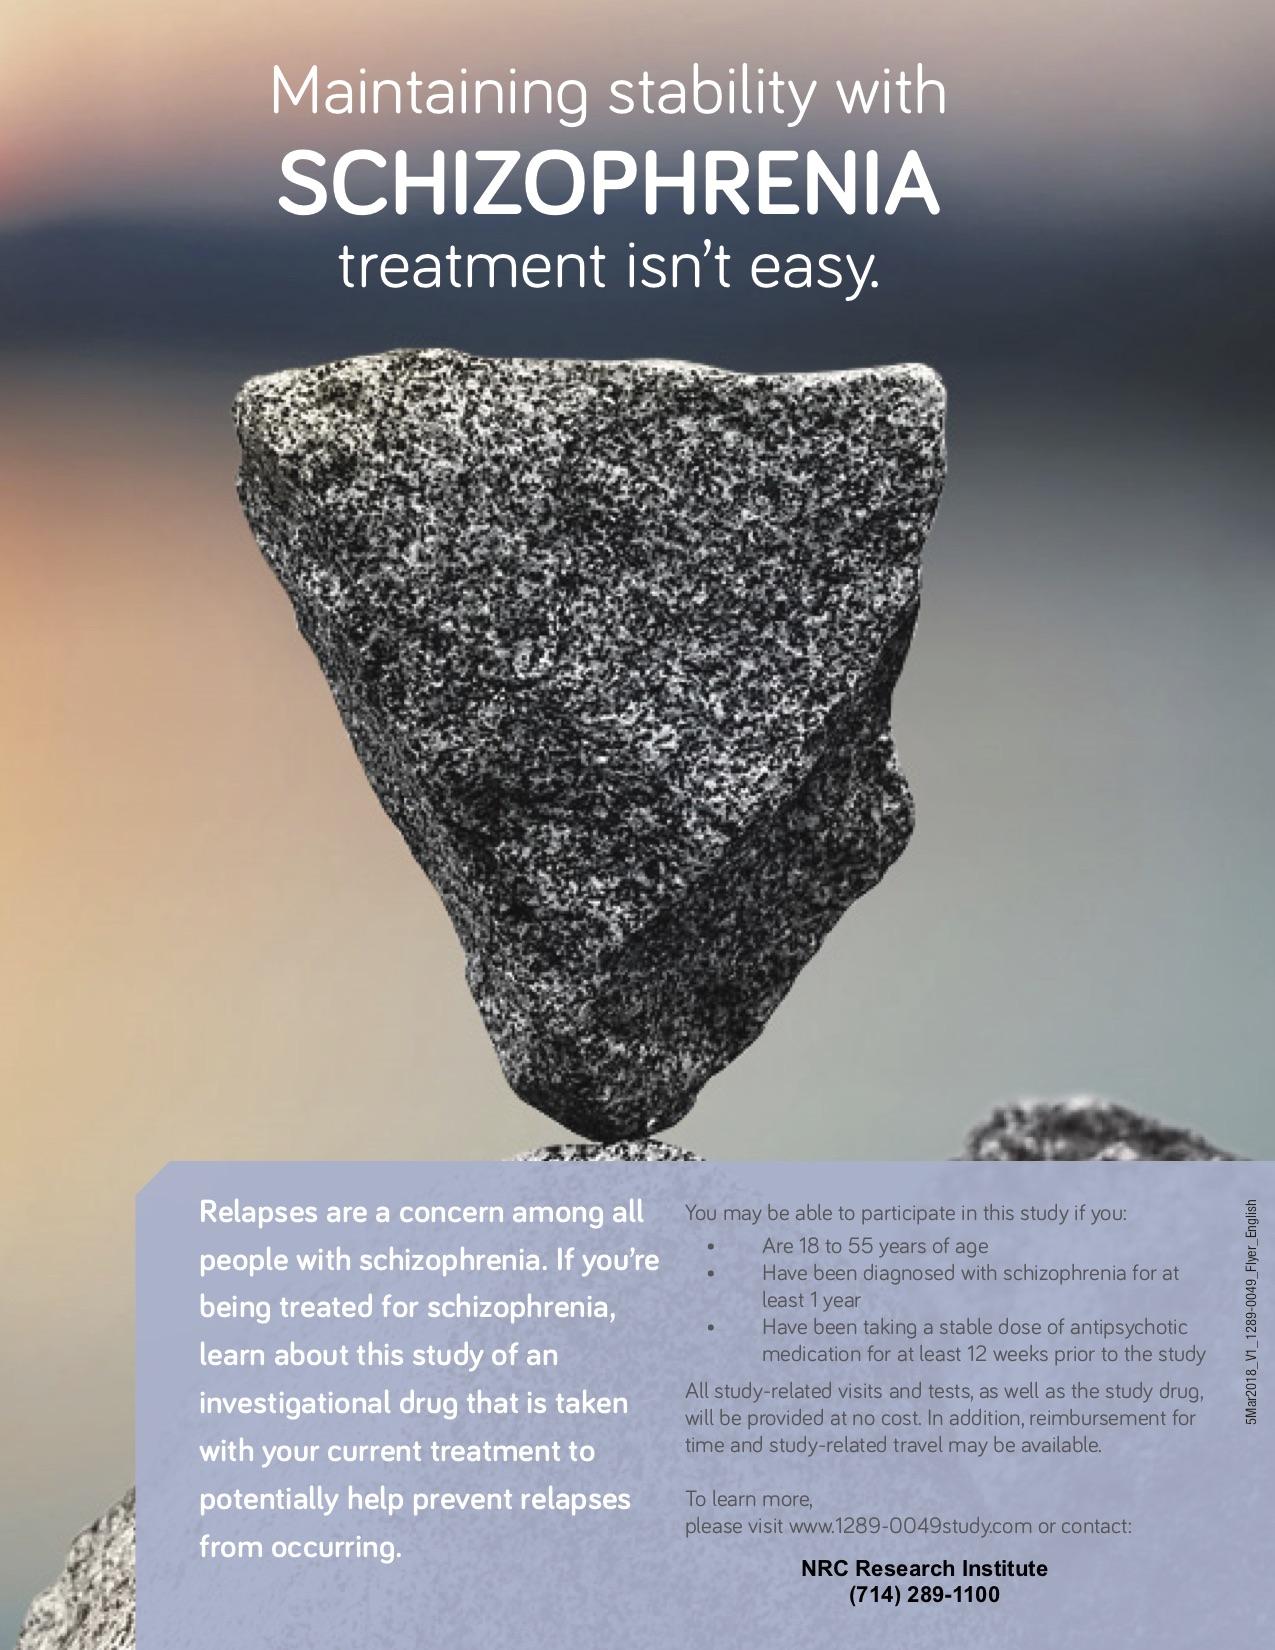 Schizophrenia-clinical-trials-study